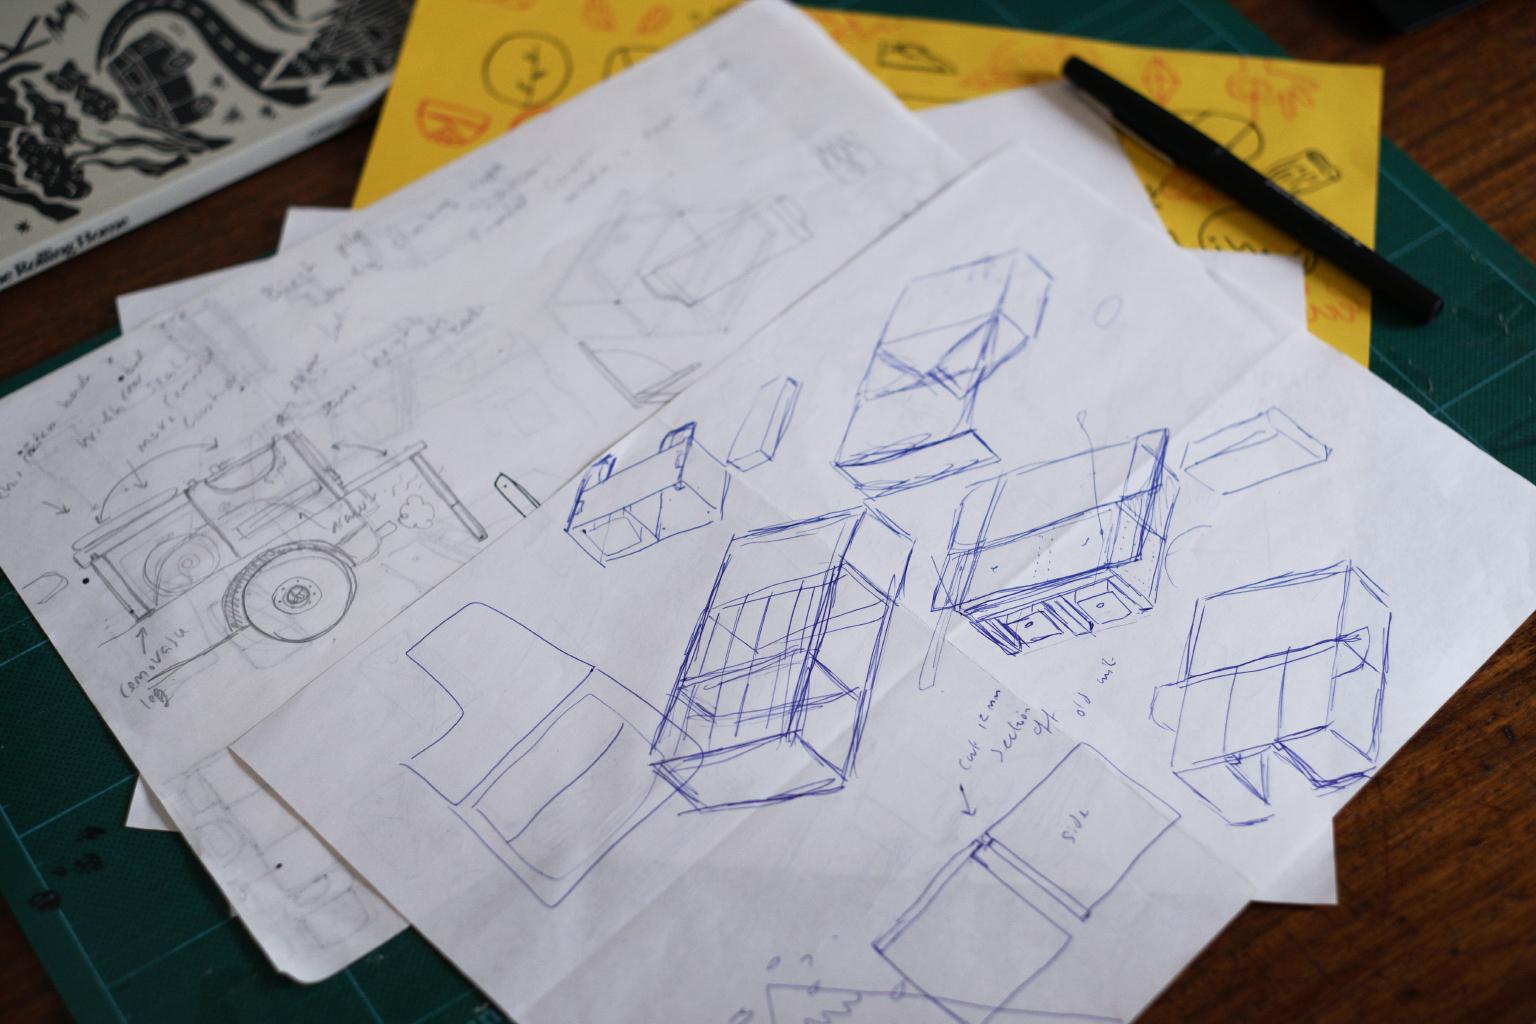 Some original sketches and ideas